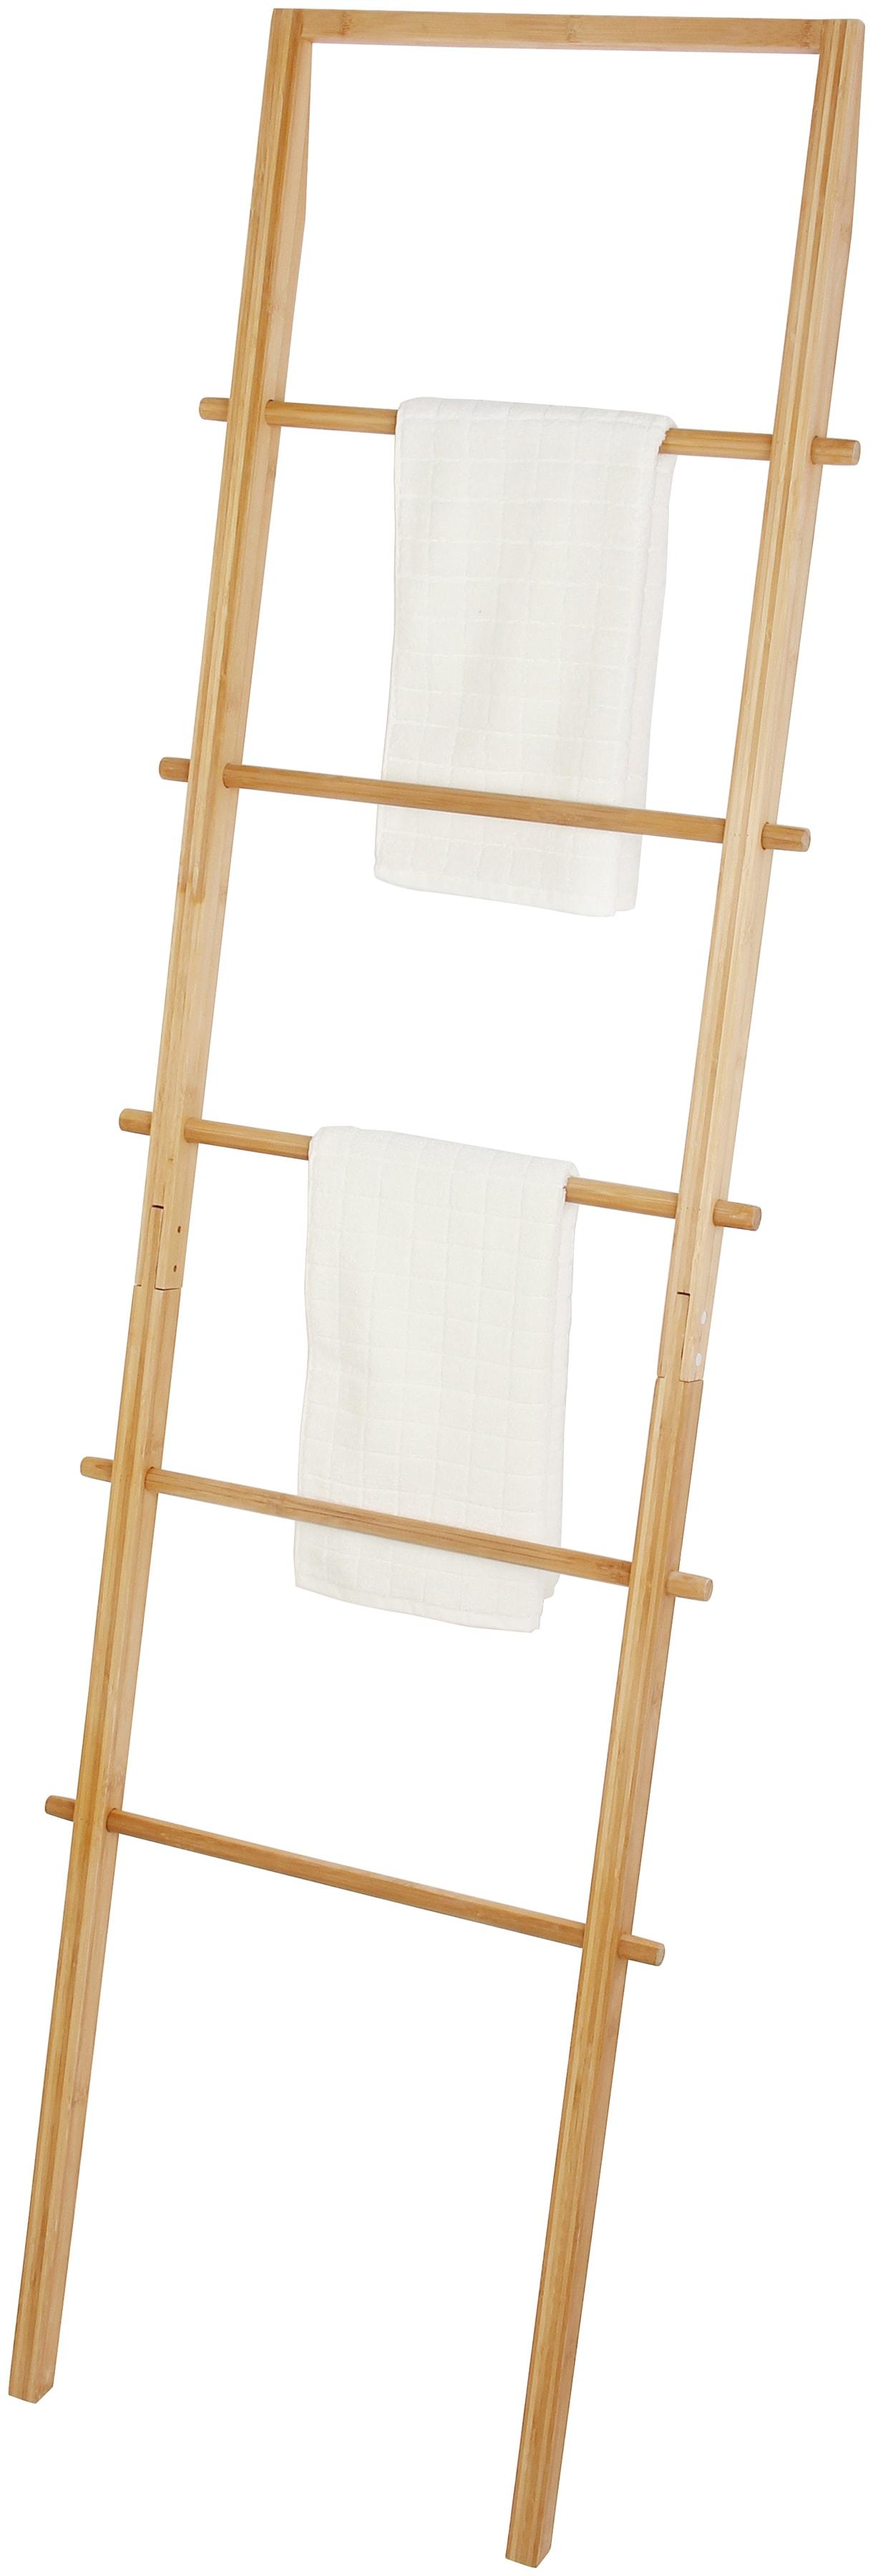 Handtuchhalter Bambusleiter 180 x 54 cm